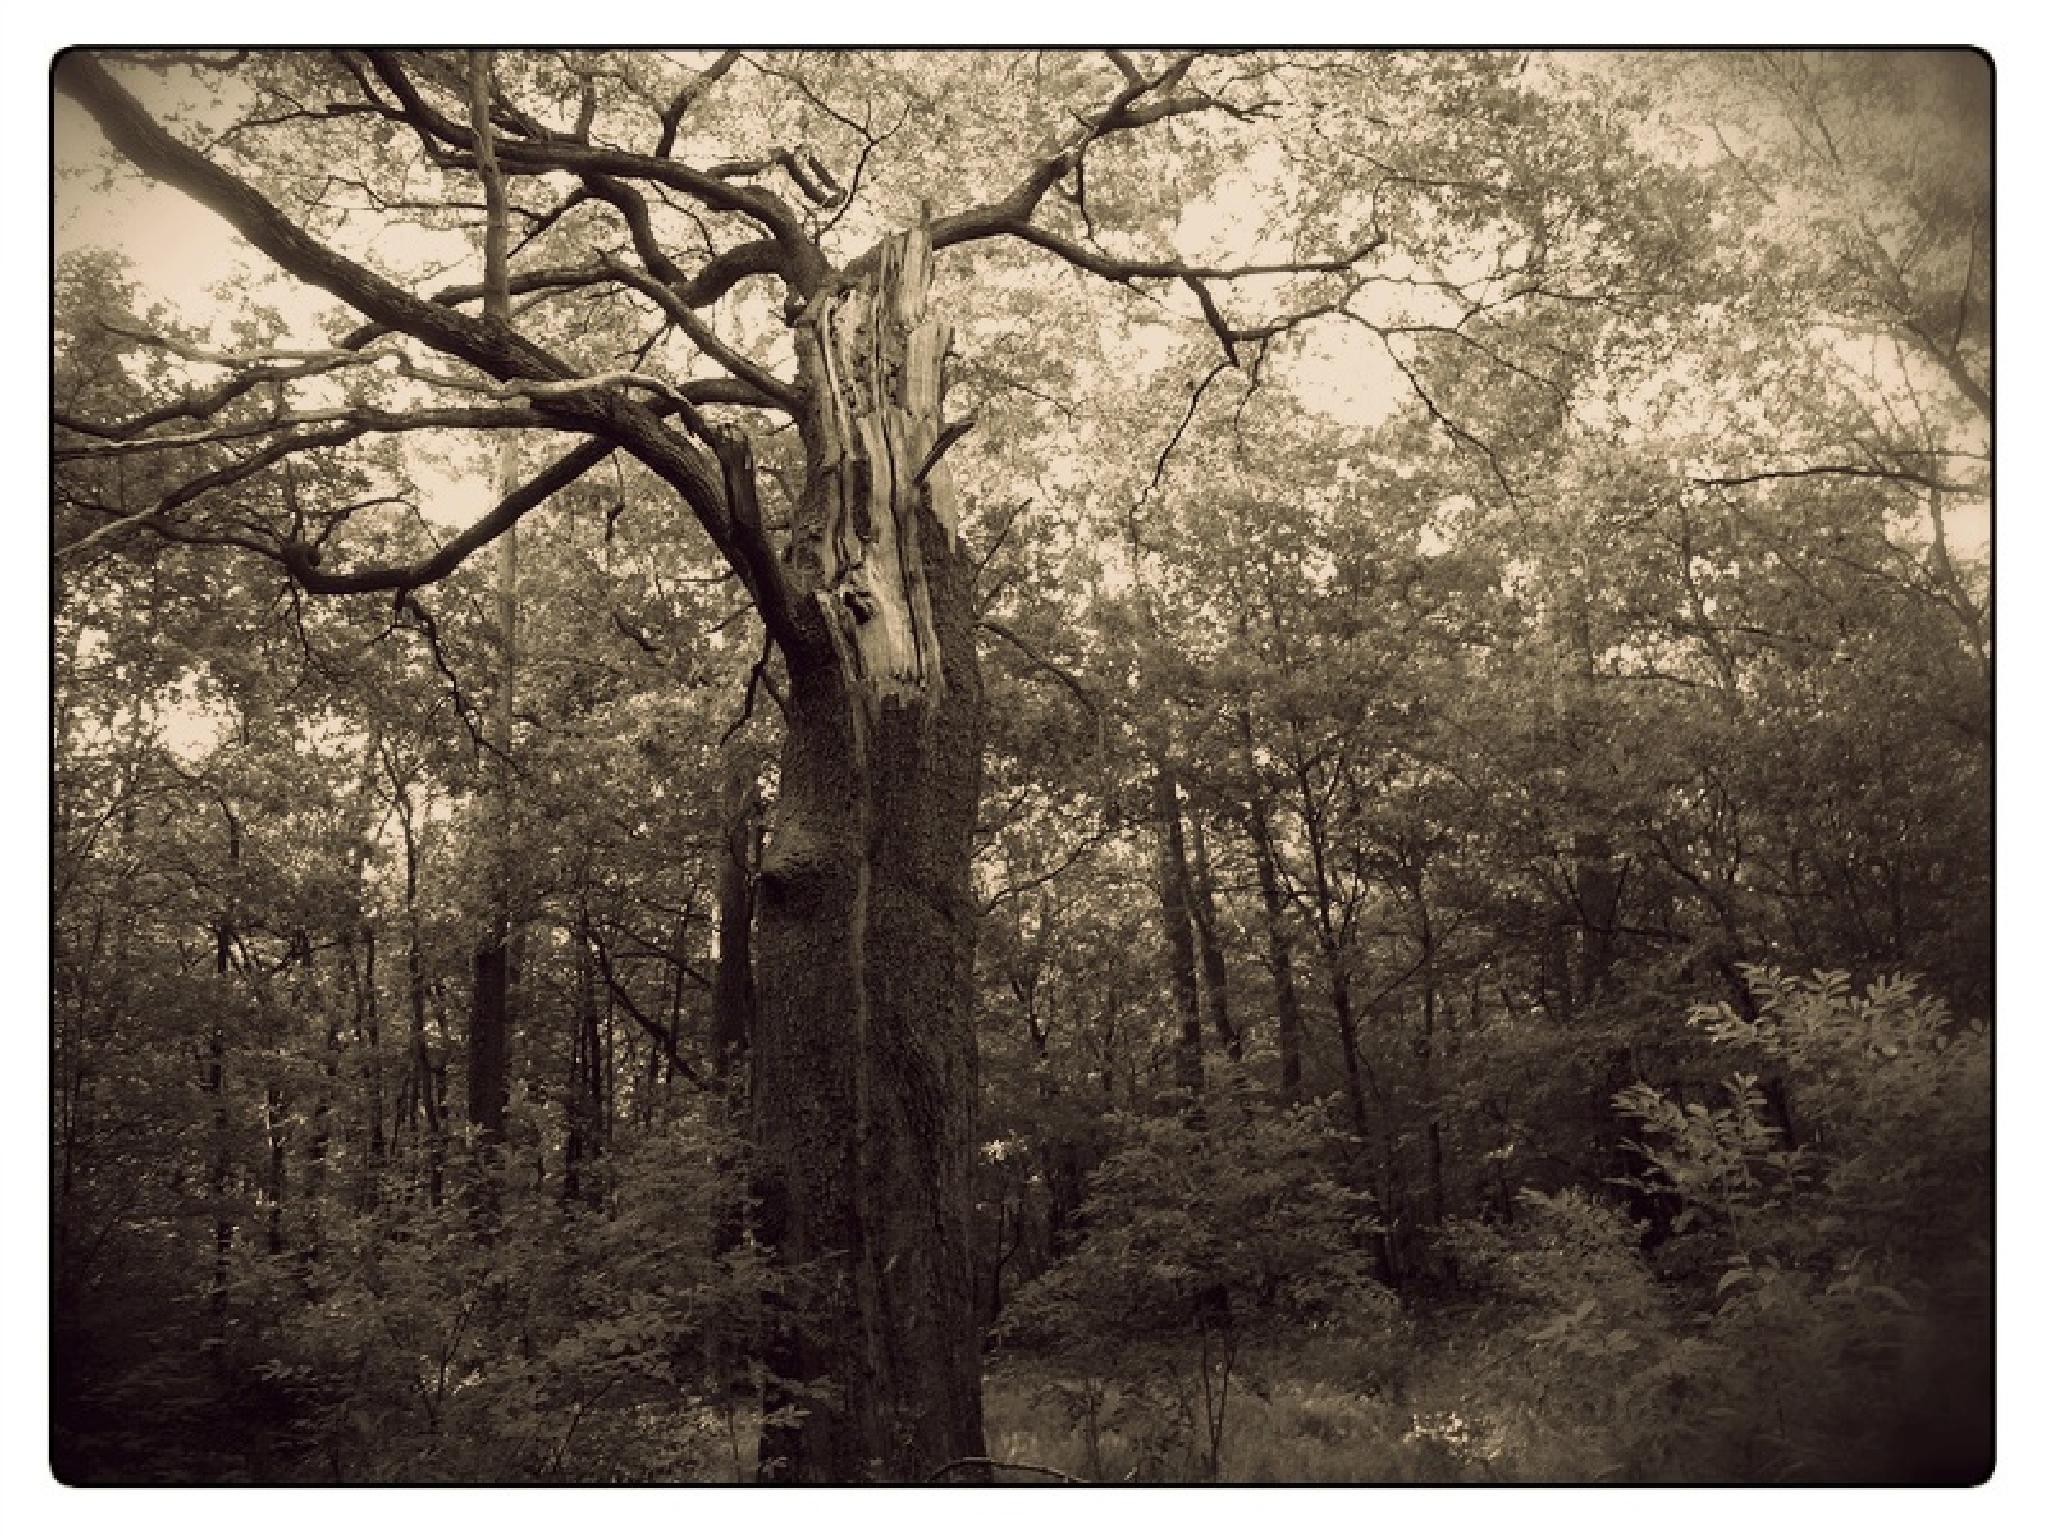 the broken tree by FabioKeiner